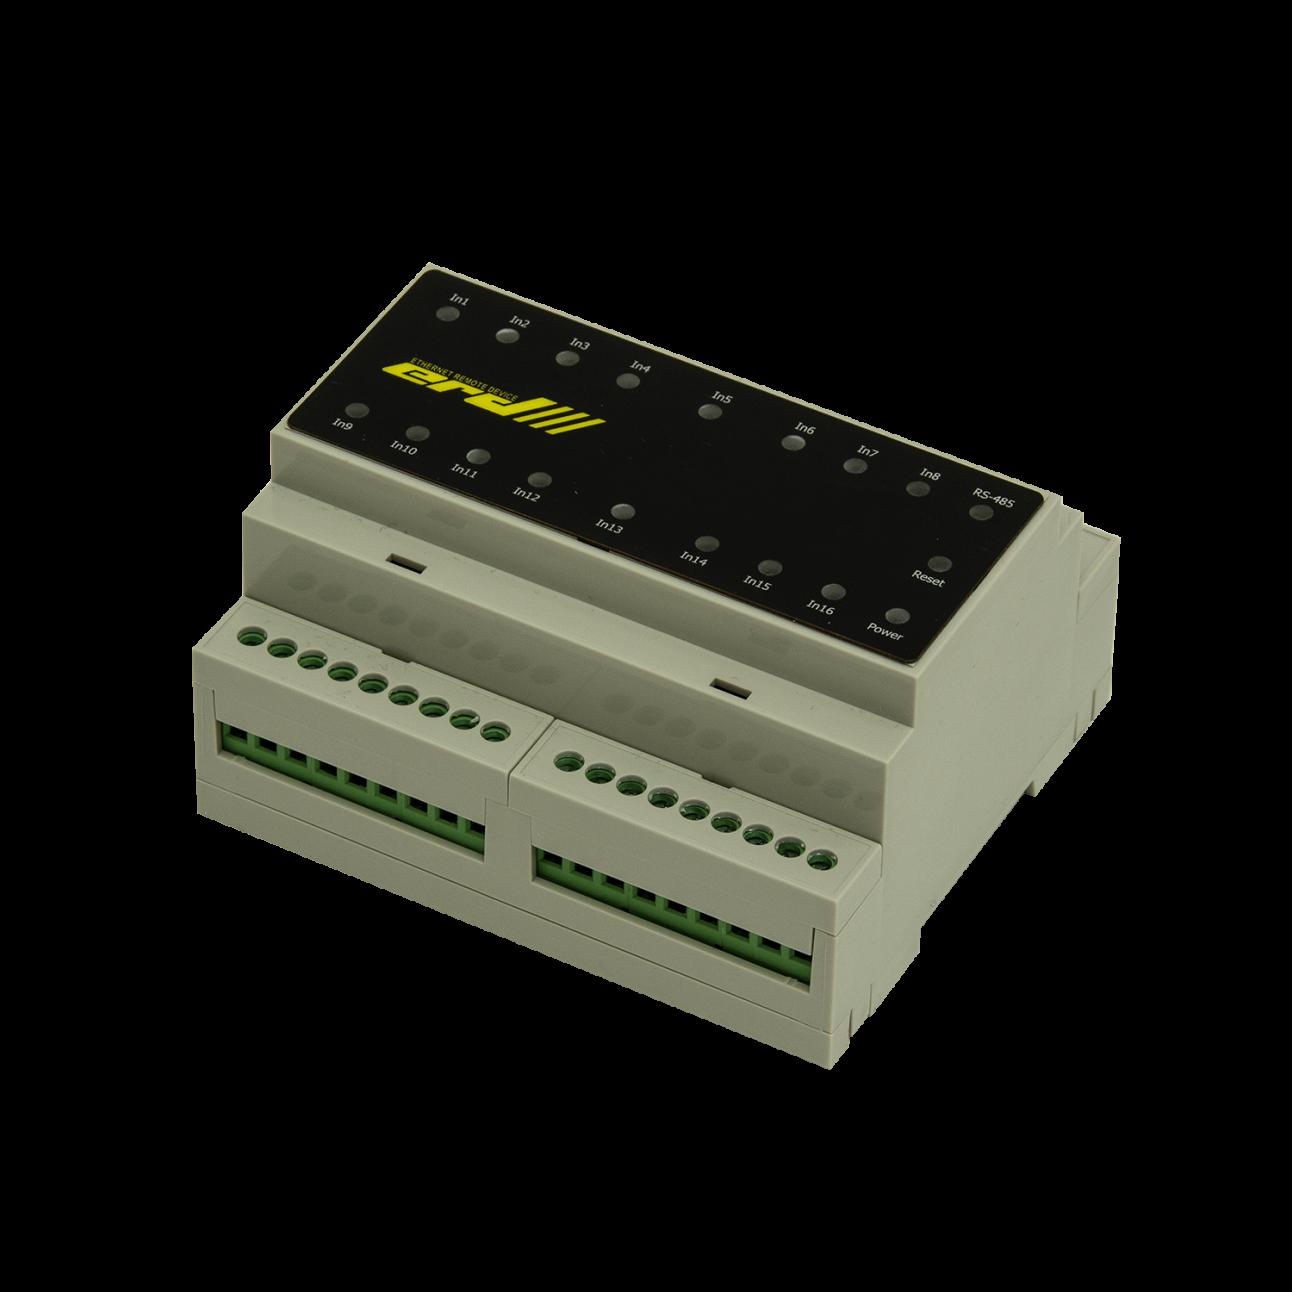 Блок управления нагрузками, 8 реле по 16 Ампер, крепление DIN, RS485, MODBUS, Дискретные входы, Индикация